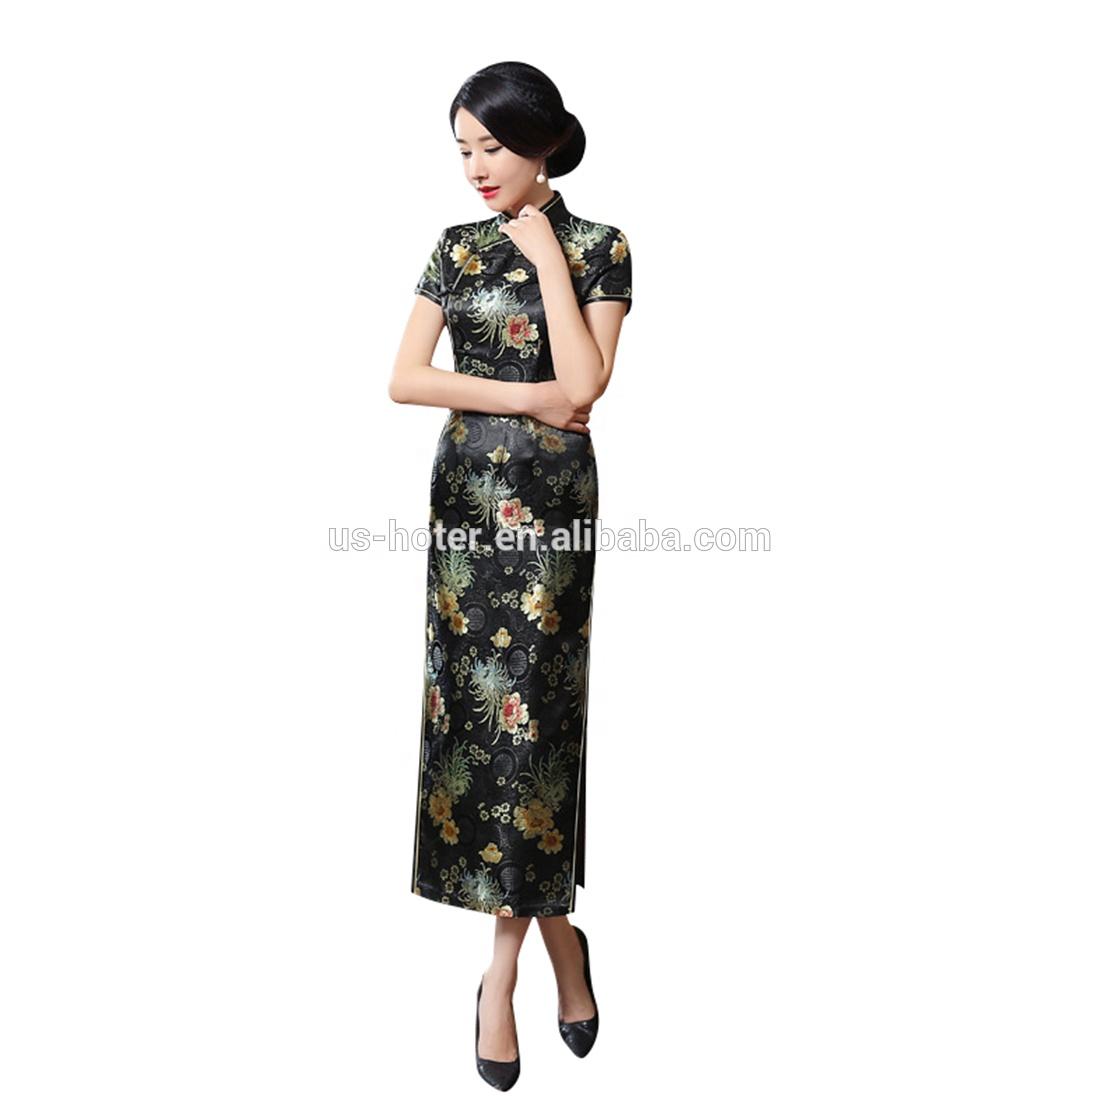 da9c78b851cbd مصادر شركات تصنيع شيونغسام الصينية التقليدية تشيباو وشيونغسام الصينية  التقليدية تشيباو في Alibaba.com